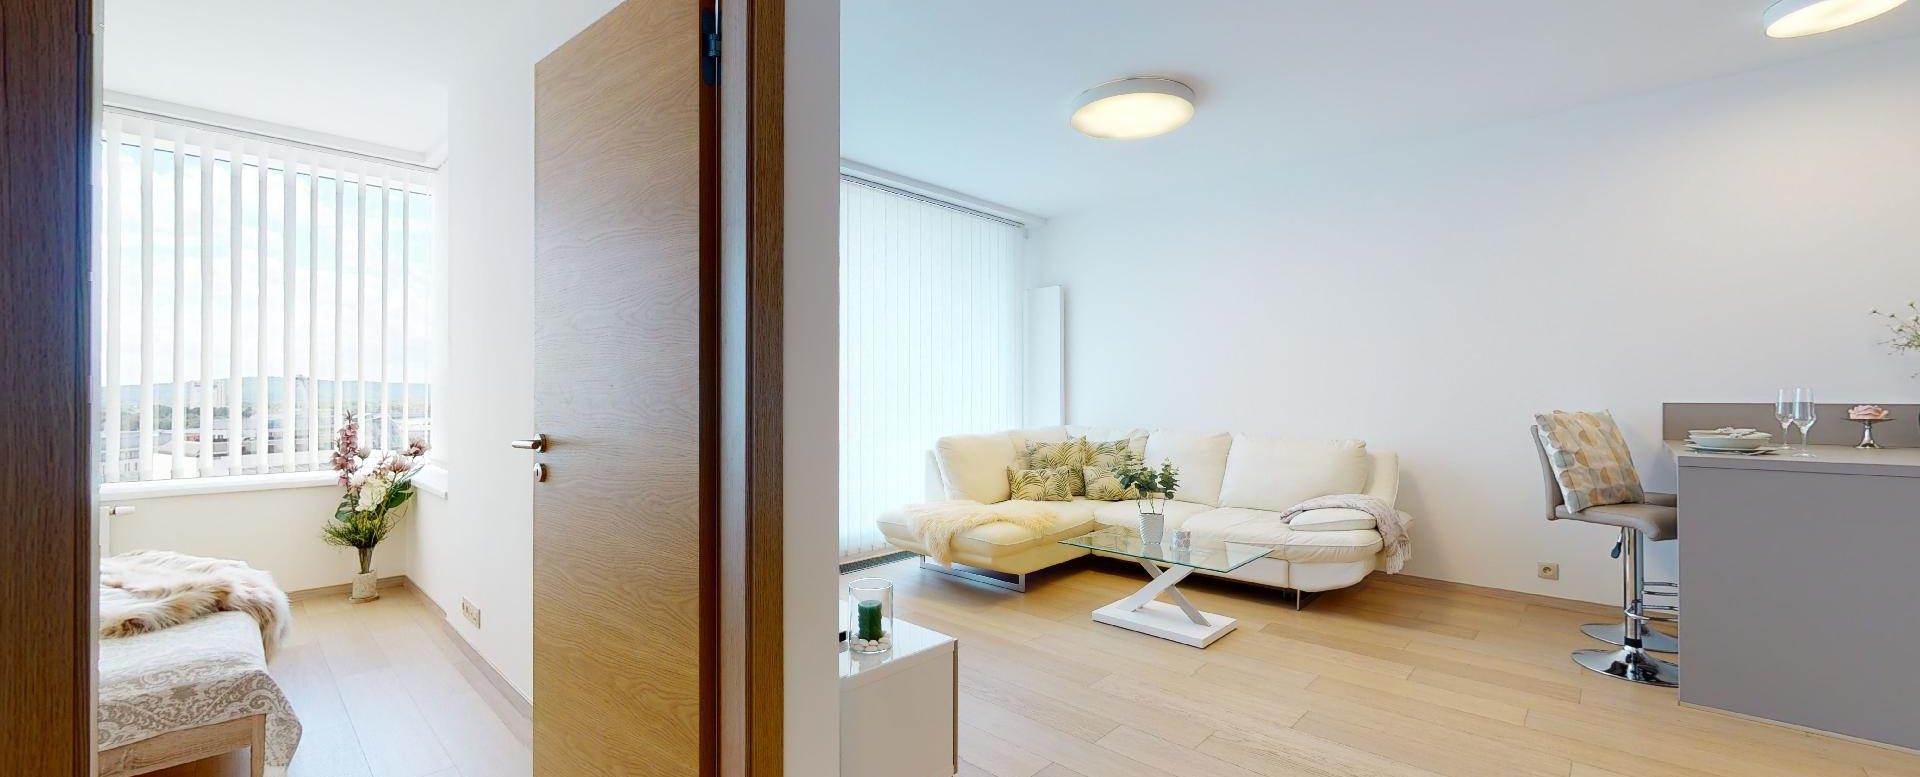 Pohľad do spálne a obývacej izby v 2-izbovom byte v Panorama Towers - Eurovea City